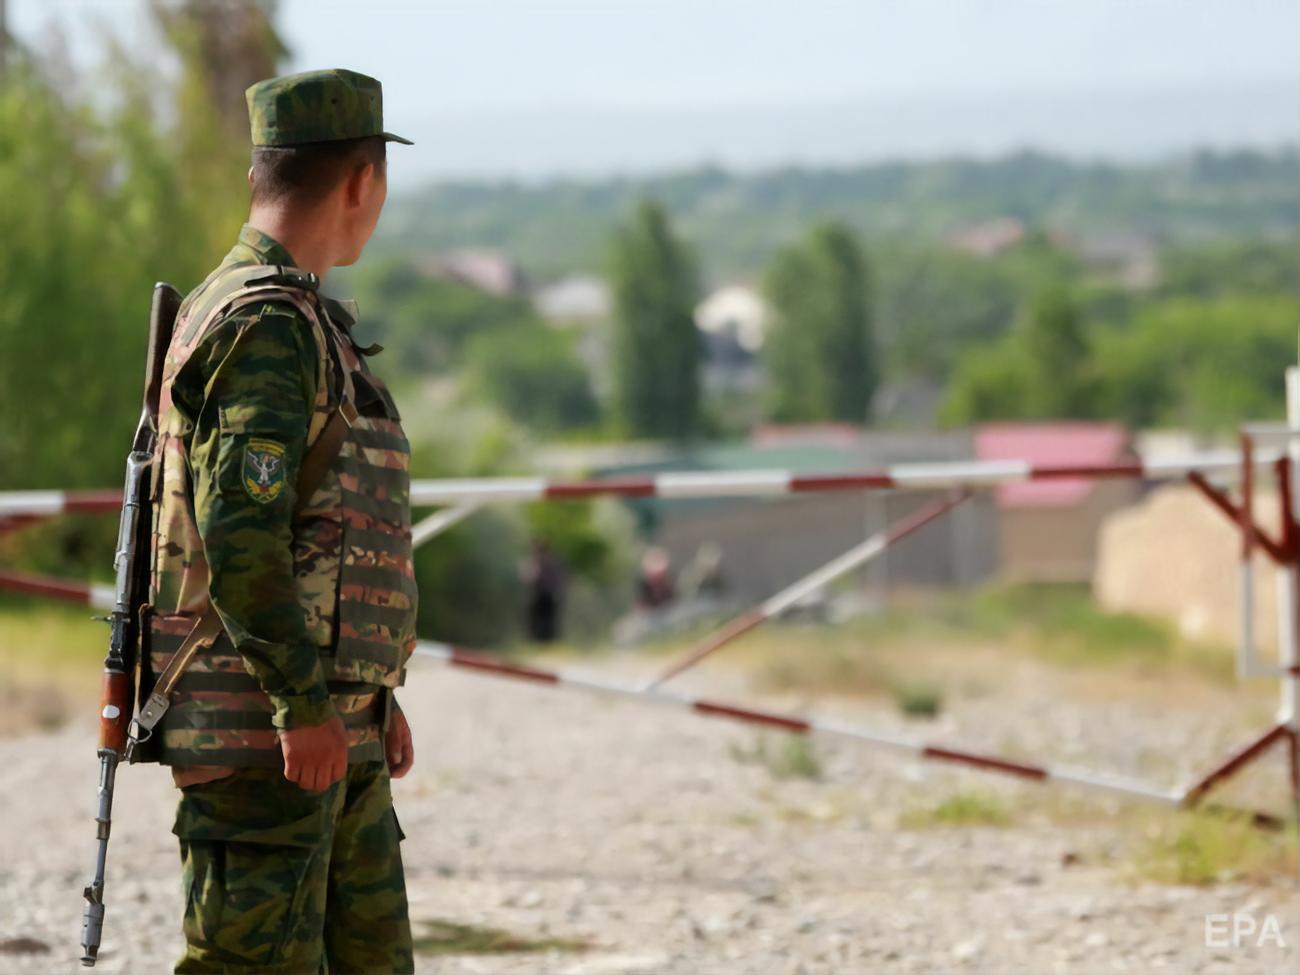 Более 300 афганских военных под натиском талибов отступили на территорию Таджикистана